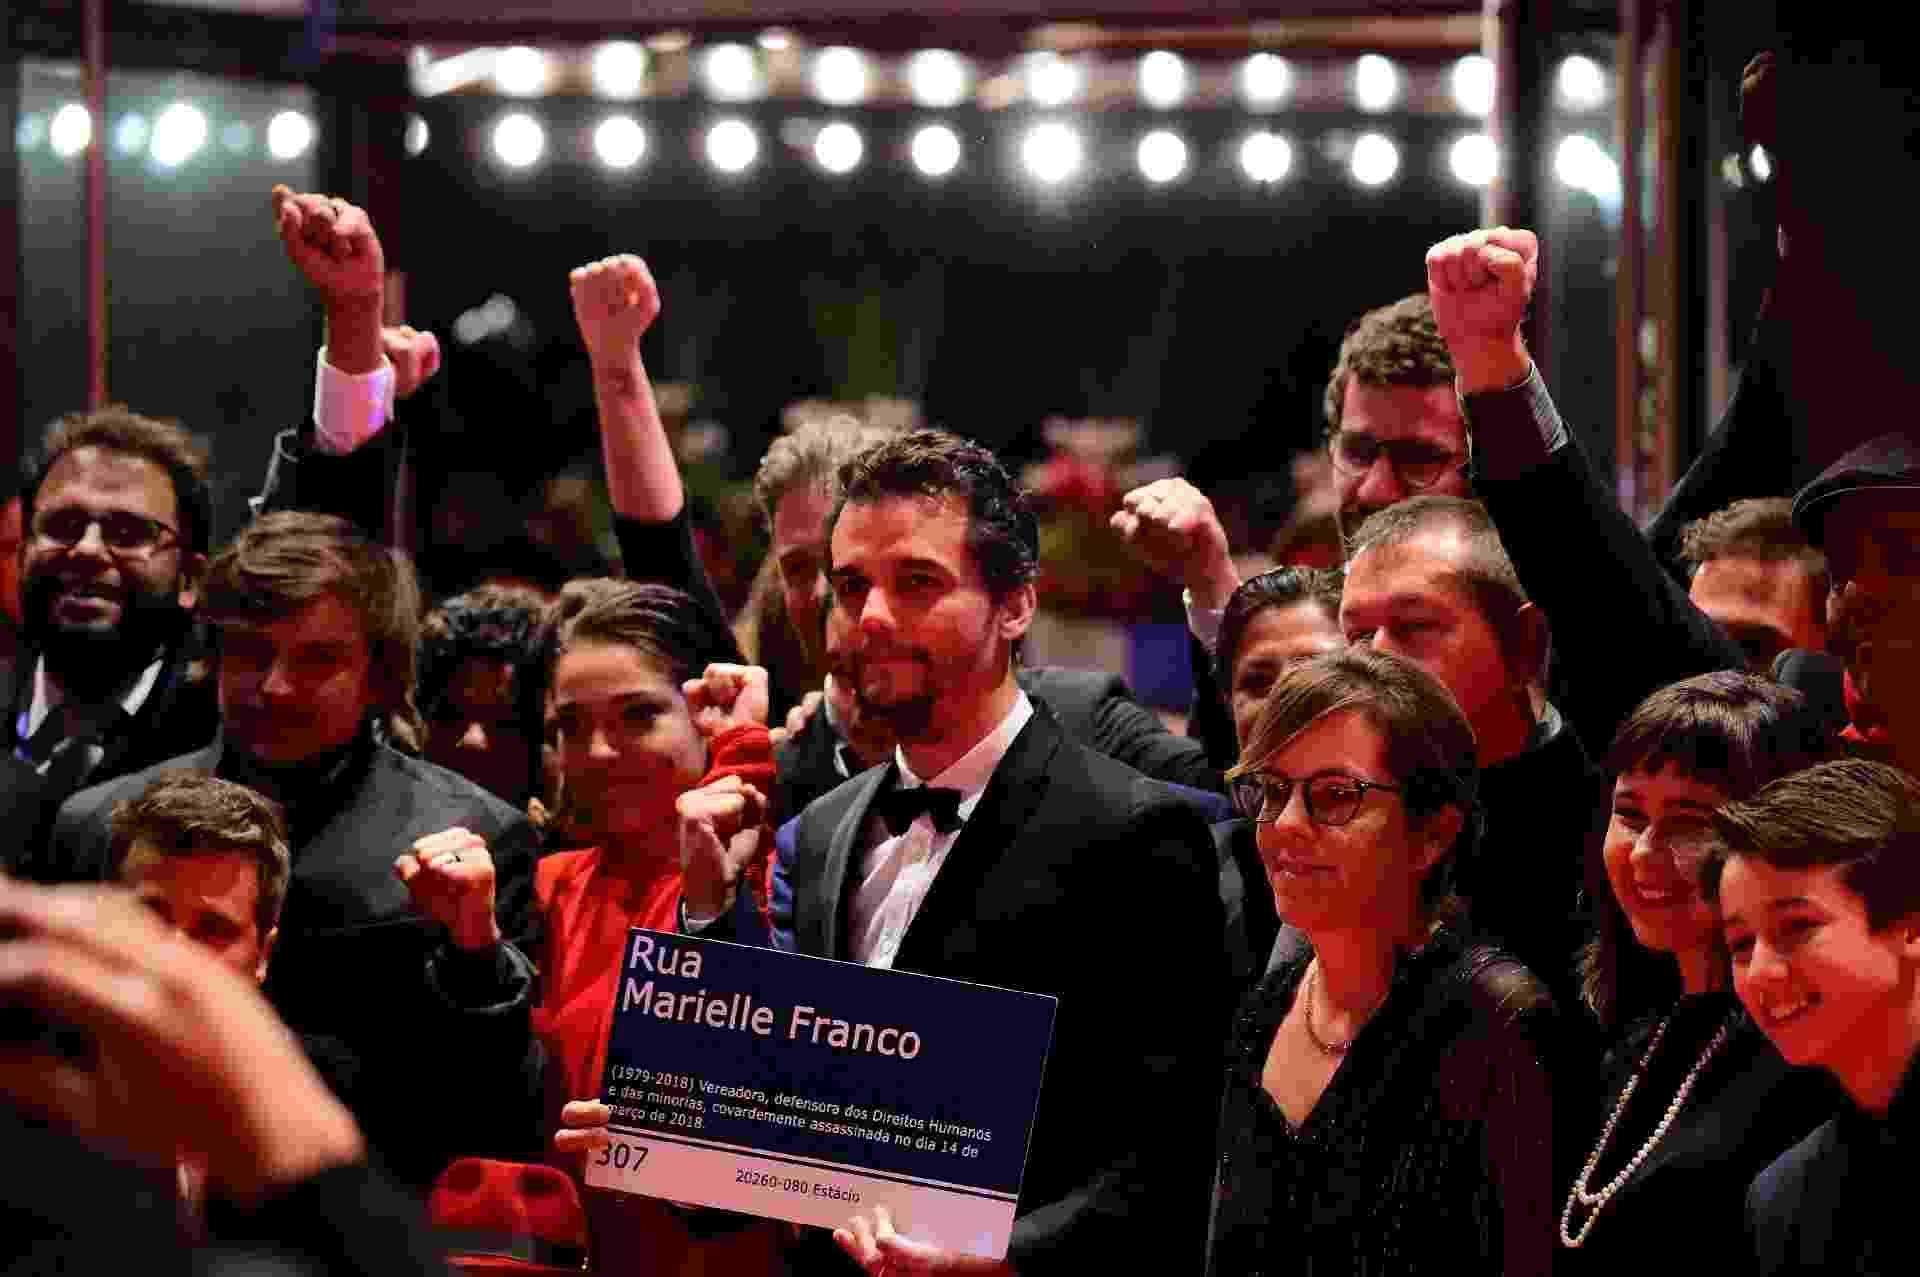 """Wagner Moura leva placa da rua Marielle Franco, destruída durante as últimas eleições no Rio de Janeiro, para o tapete vermelho do Festival de Berlim, onde ele divulga o filme """"Marighella"""" - Tobias Schwarz/AFP"""